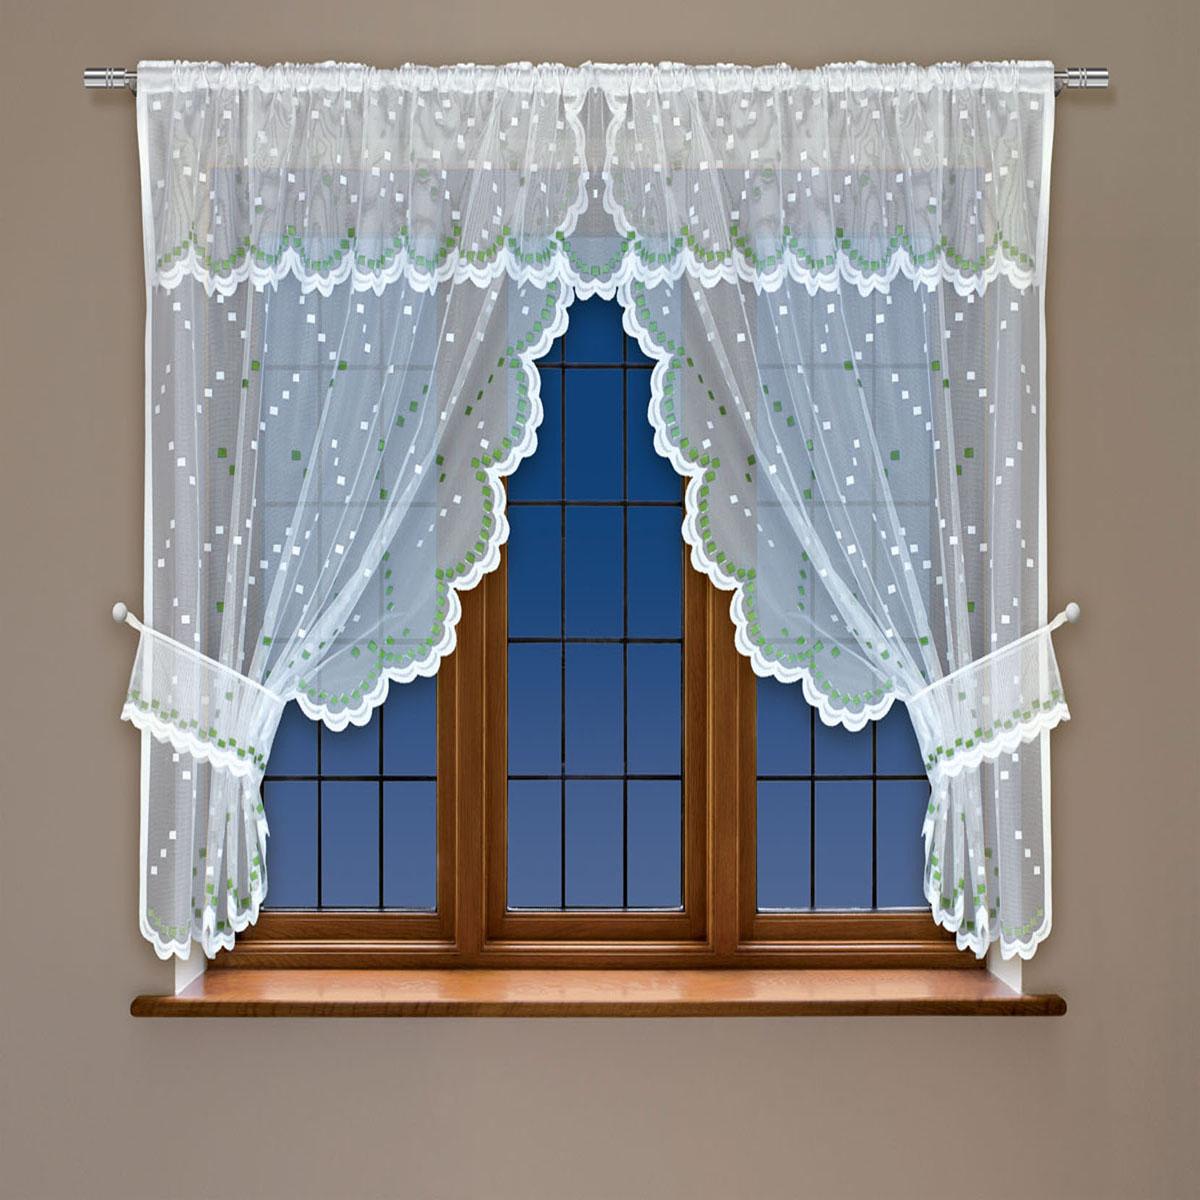 Гардина Haft, на кулиске, цвет: белый, зеленый, высота 137 см. 228410228410/137 зеленыйВоздушная гардина Haft, выполненная из полиэстера, великолепно украсит любое окно. Изделие имеет оригинальный дизайн и органично впишется в интерьер помещения. Гардина крепится на карниз при помощи кулиски.